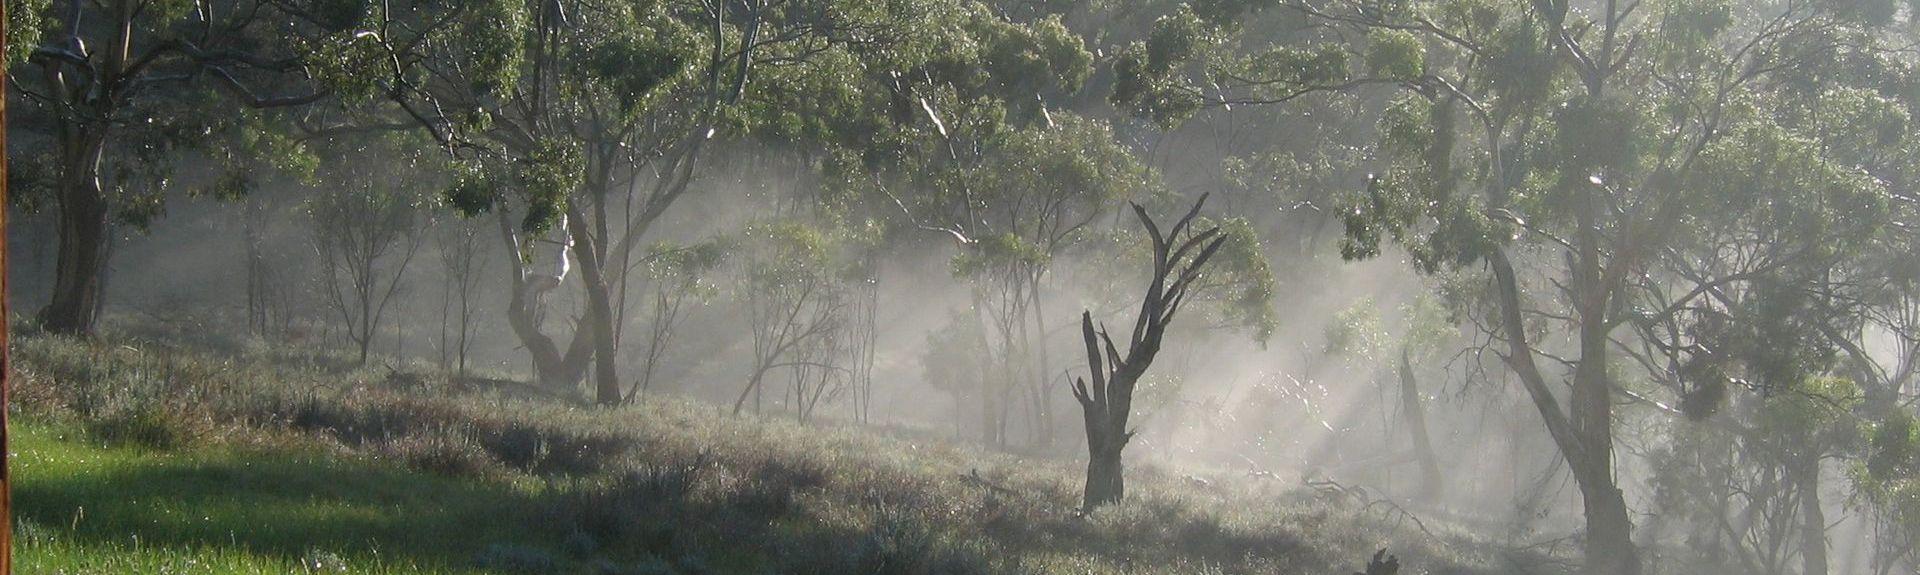 Auburn SA, Australia